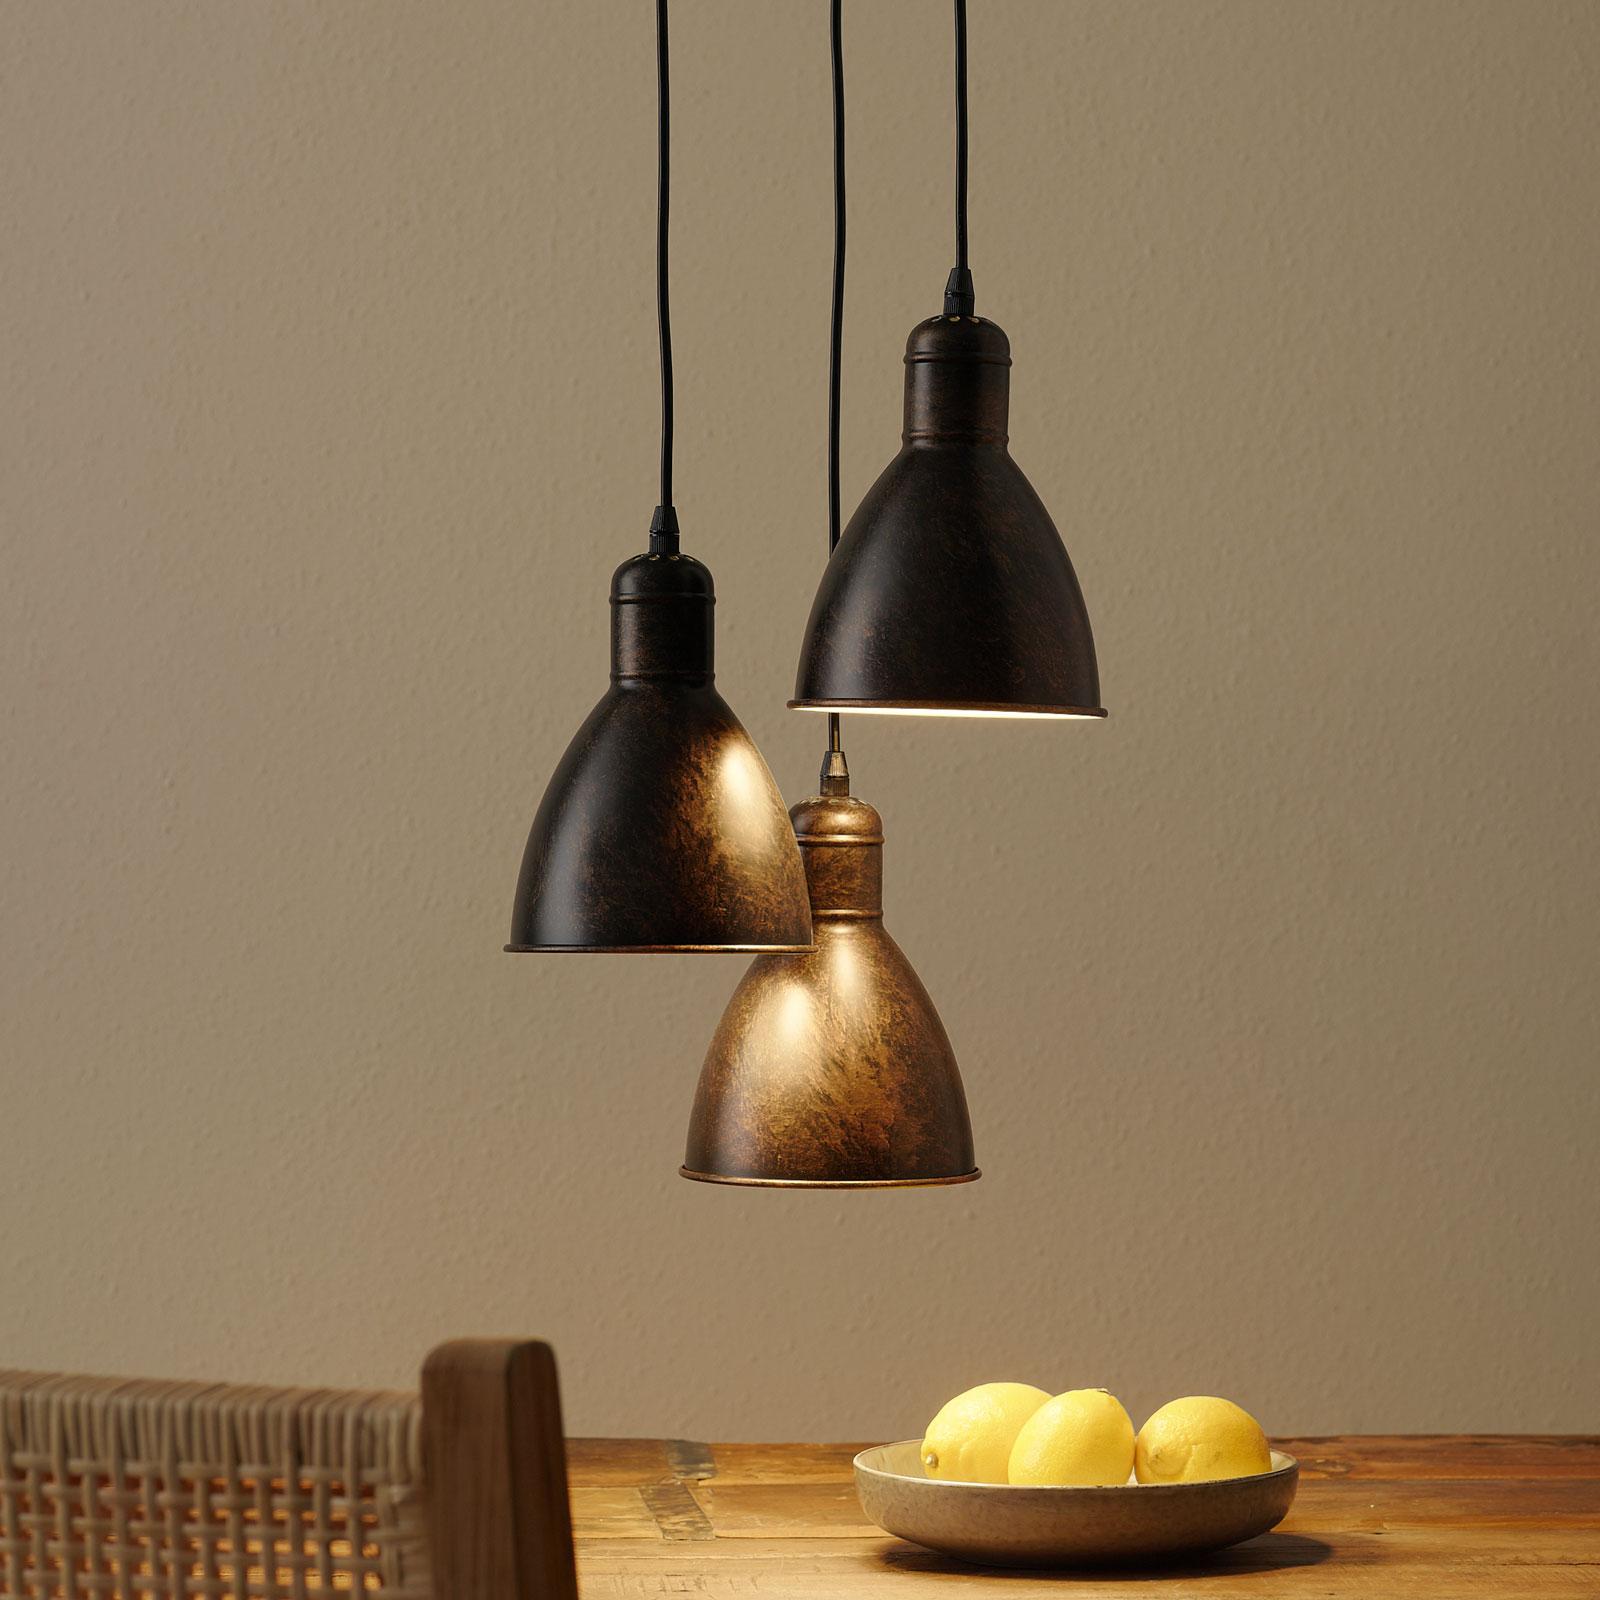 Priddy 1 vintage-hanglamp 3-lamps, koper antiek